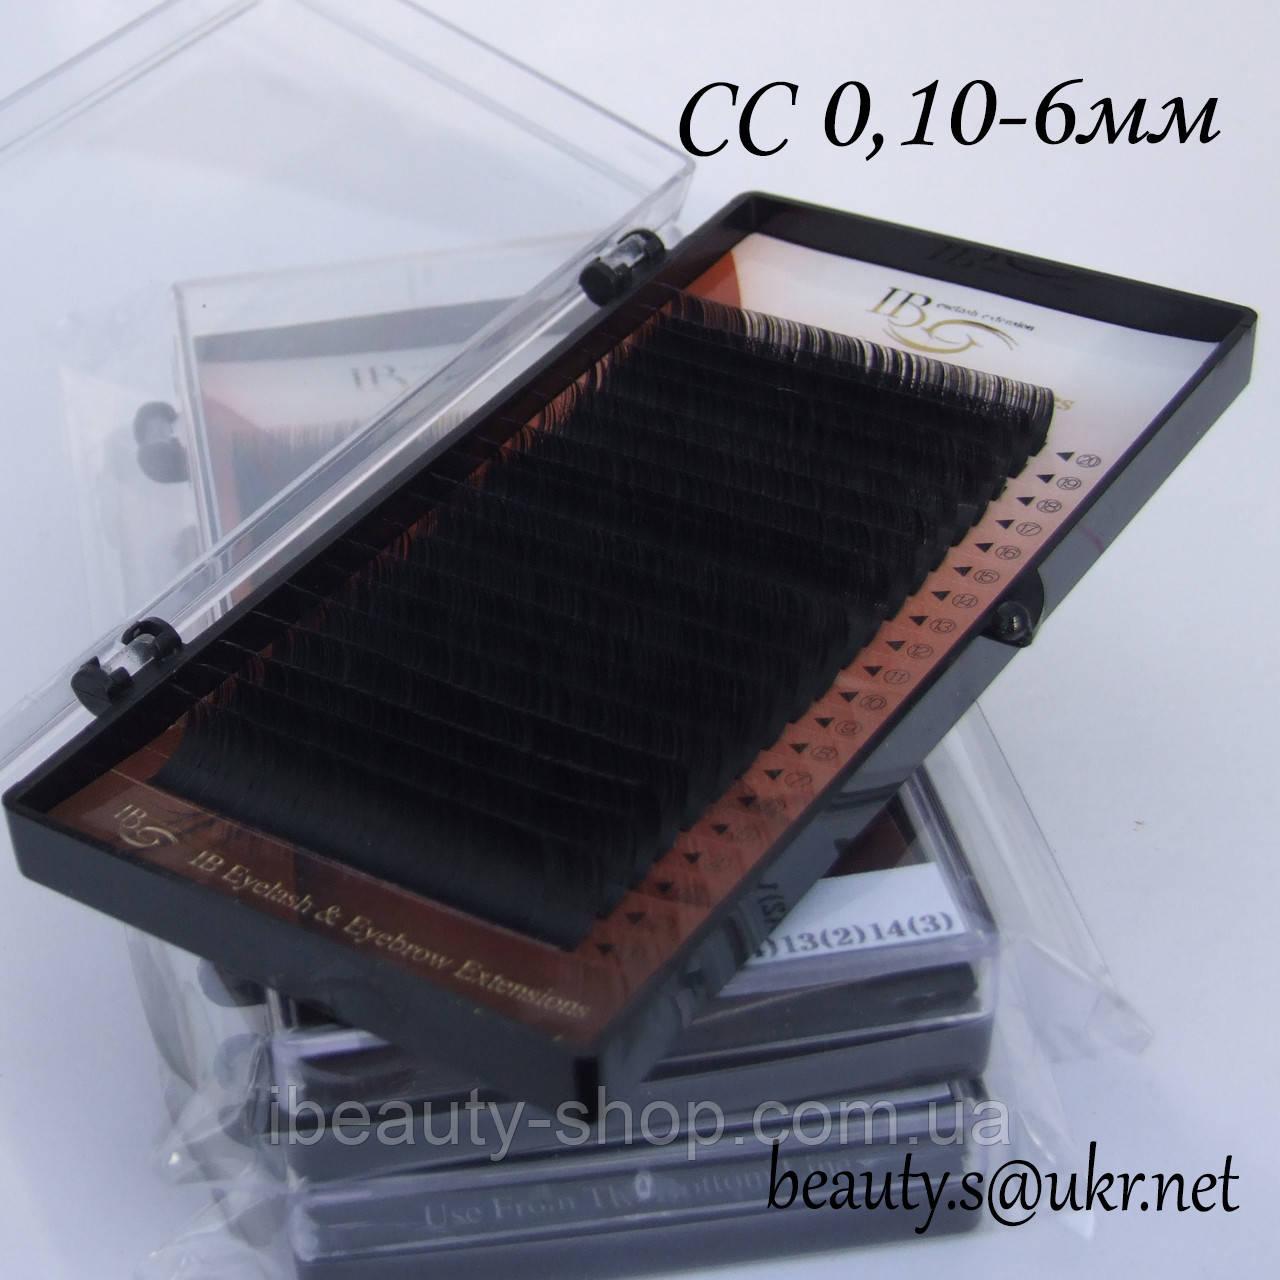 Ресницы  I-Beauty на ленте СС-0,10 6мм